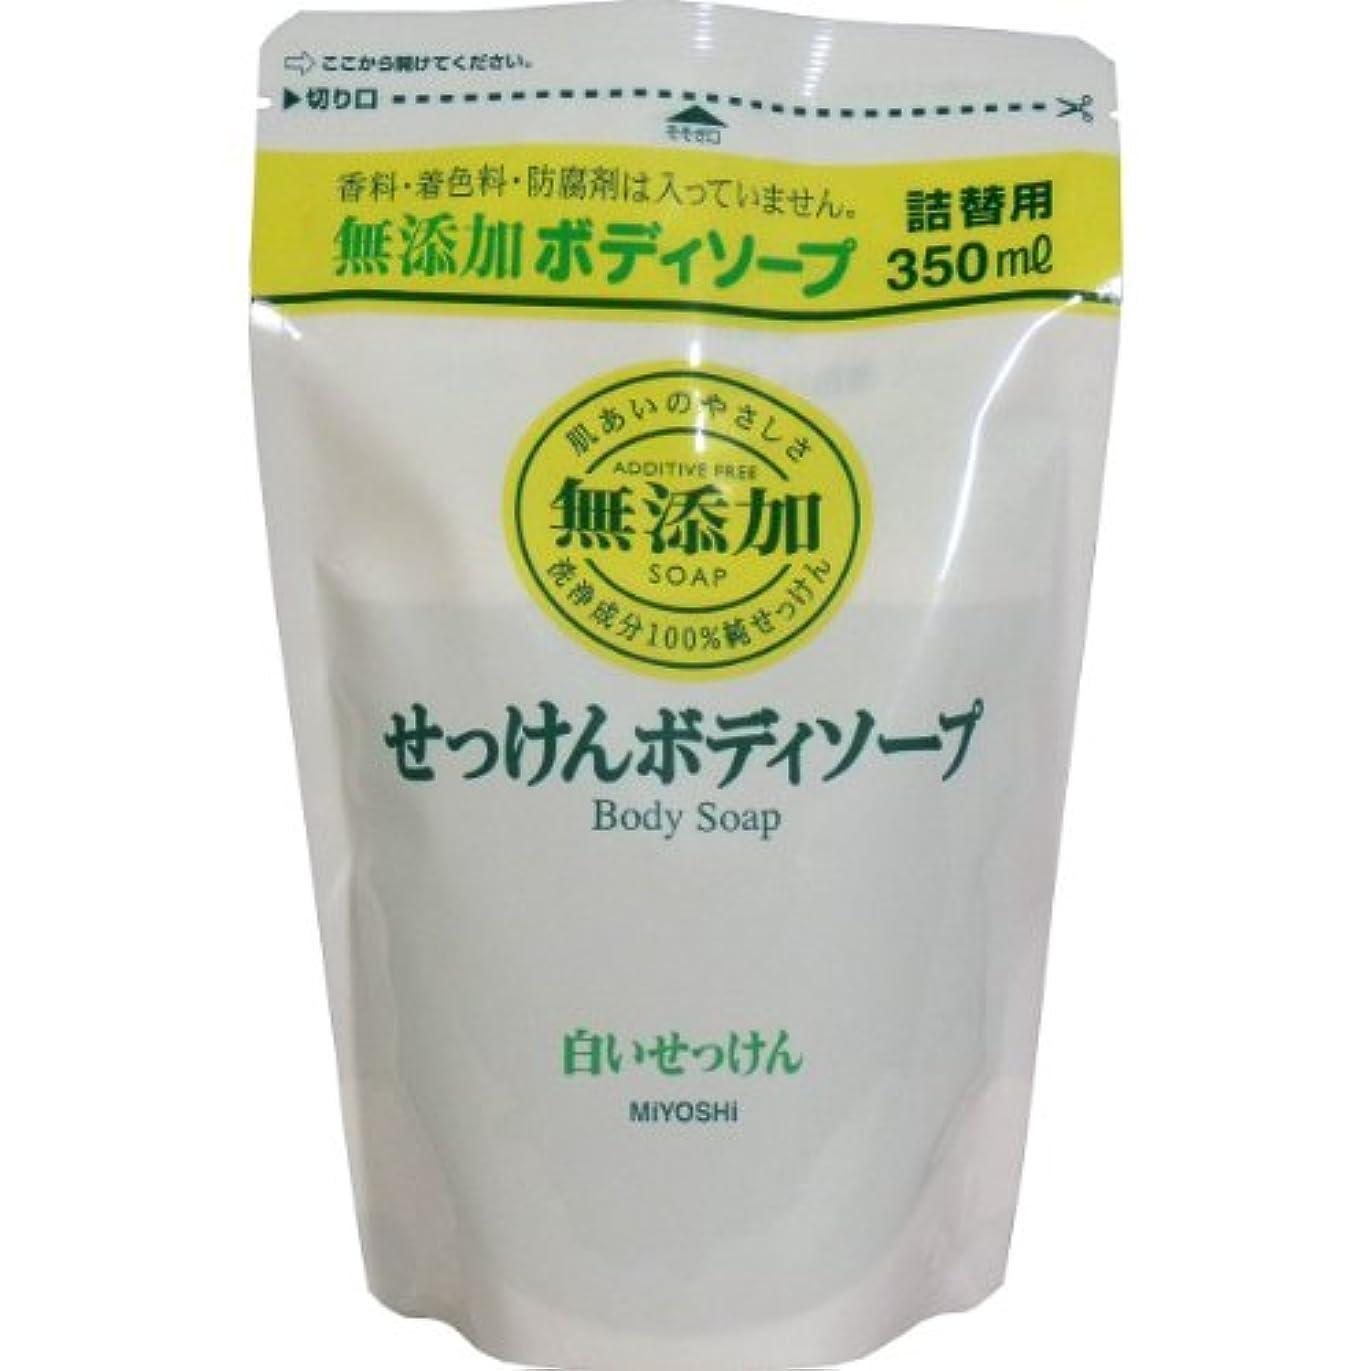 ケープフィクション刈り取るミヨシ石鹸 無添加 ボディソープ 白い石けん つめかえ用 350ml×20個セット(無添加石鹸)